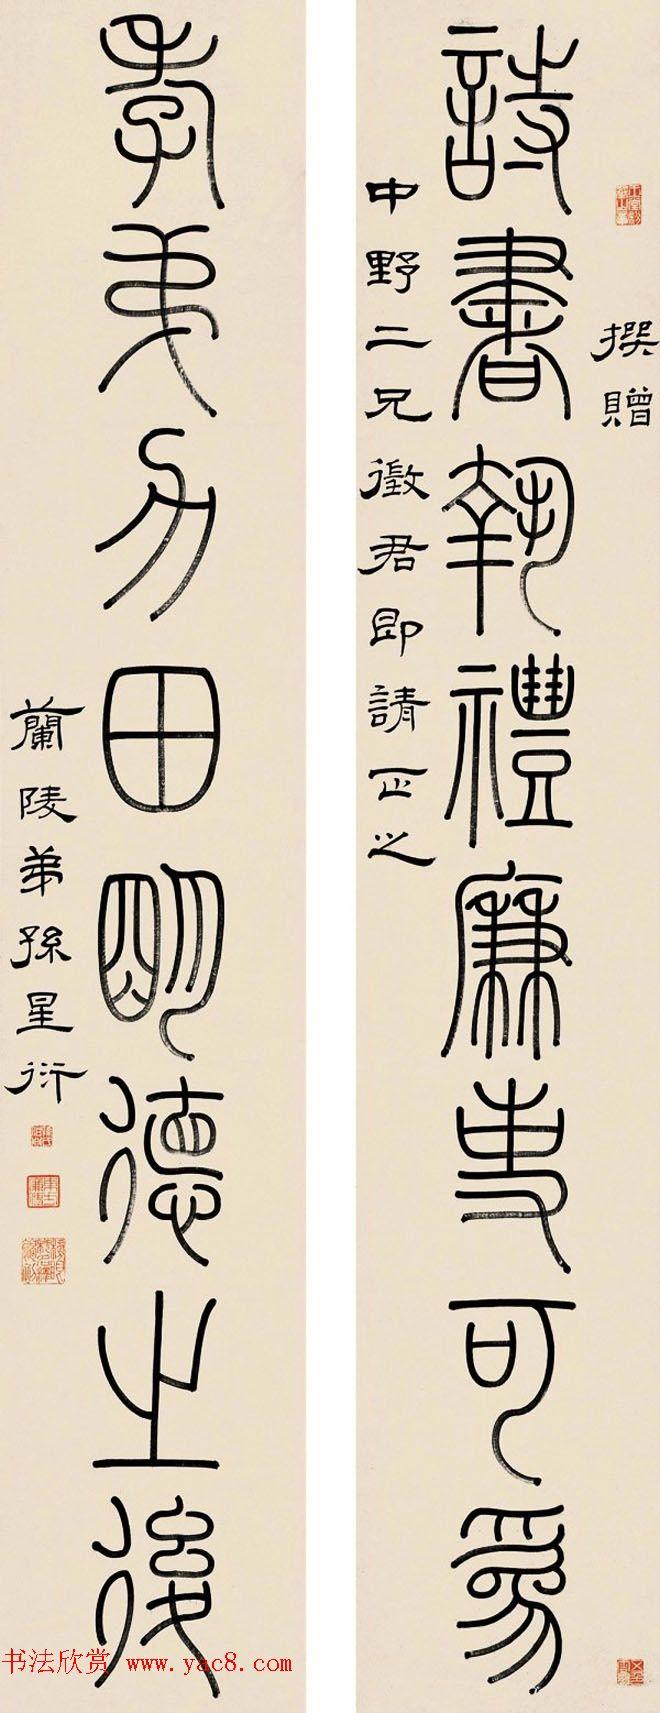 清代著名藏书家孙星衍篆书作品欣赏